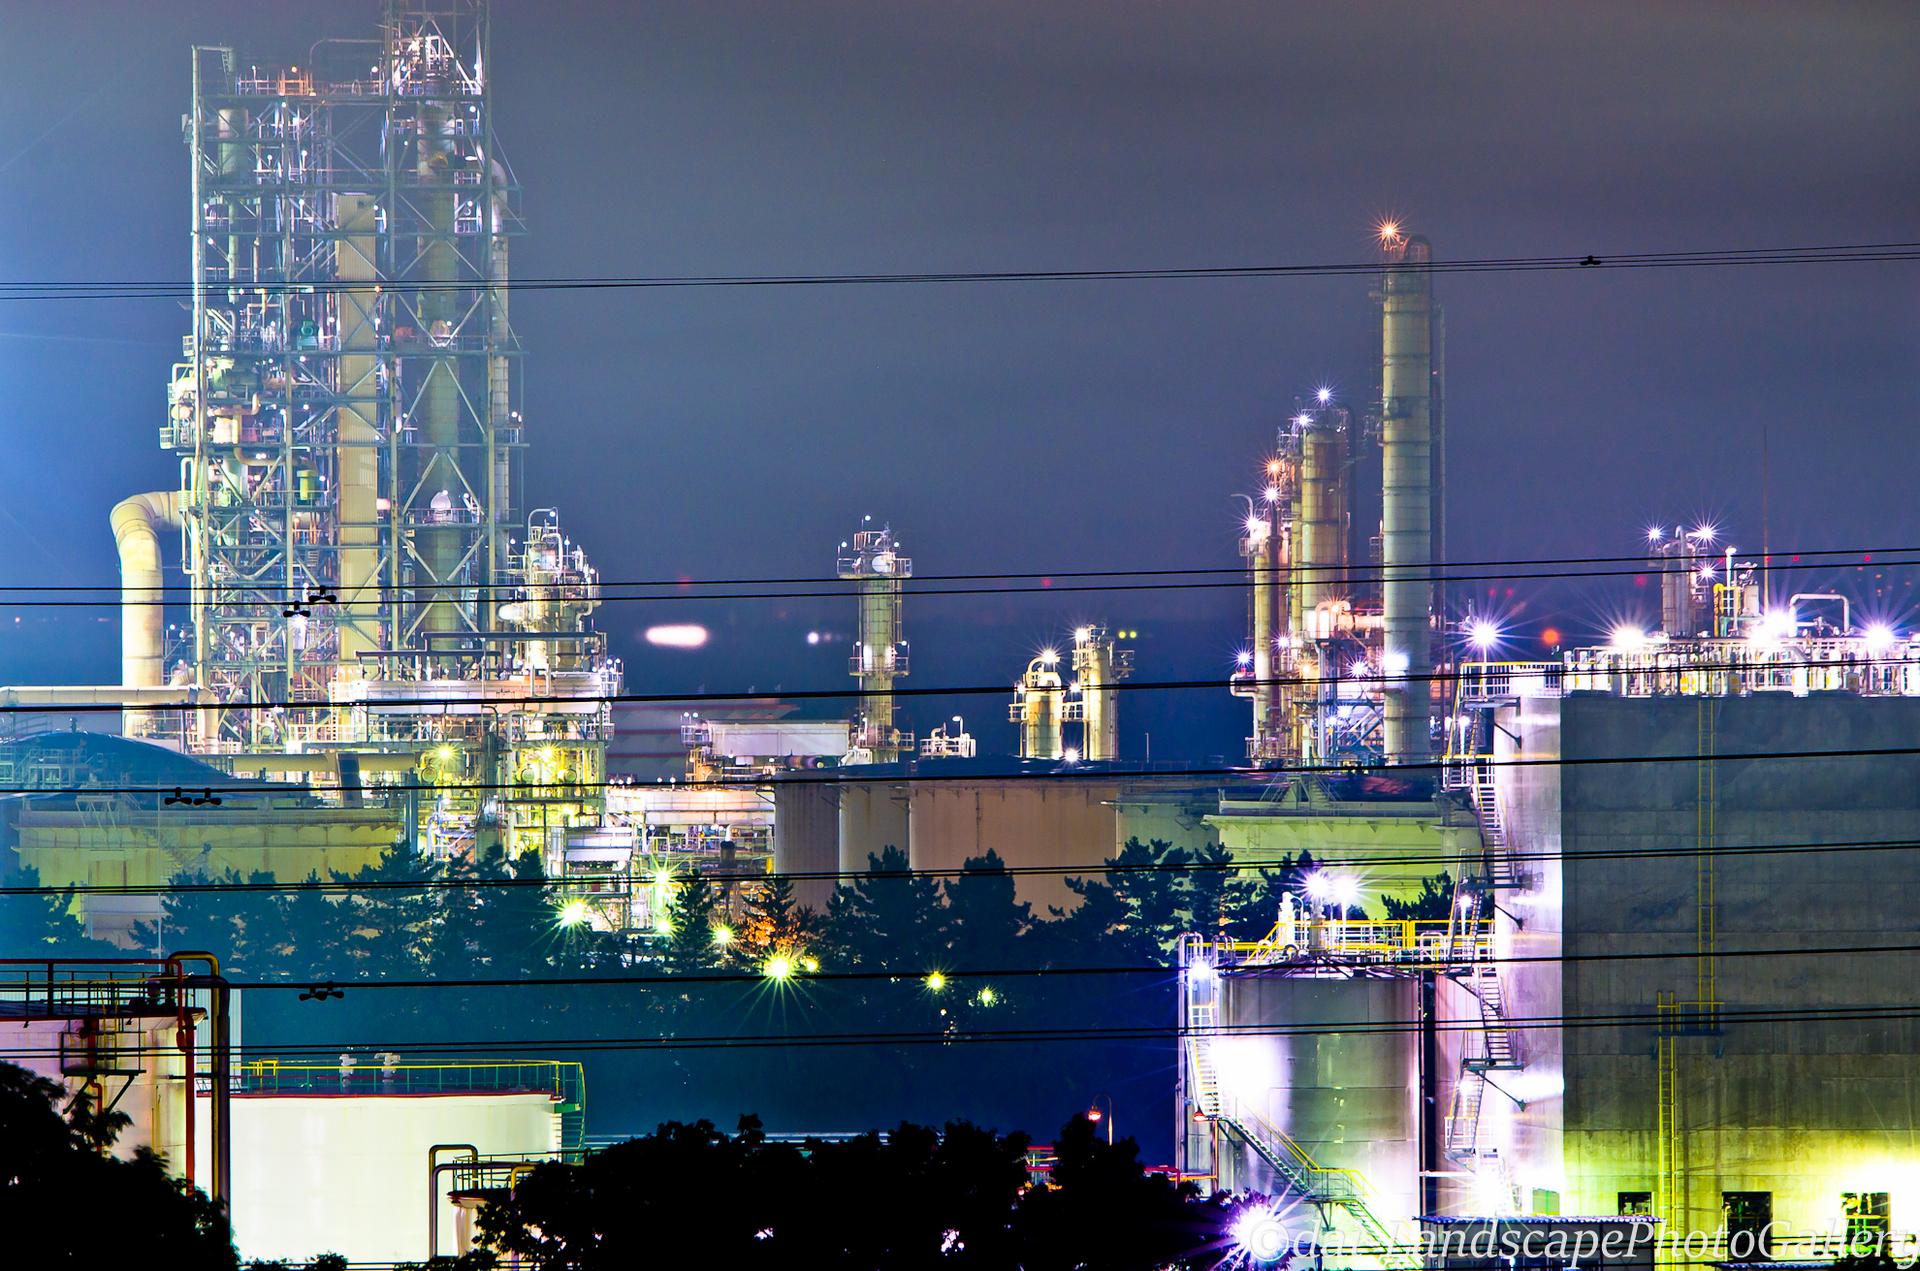 袖ヶ浦市工場夜景